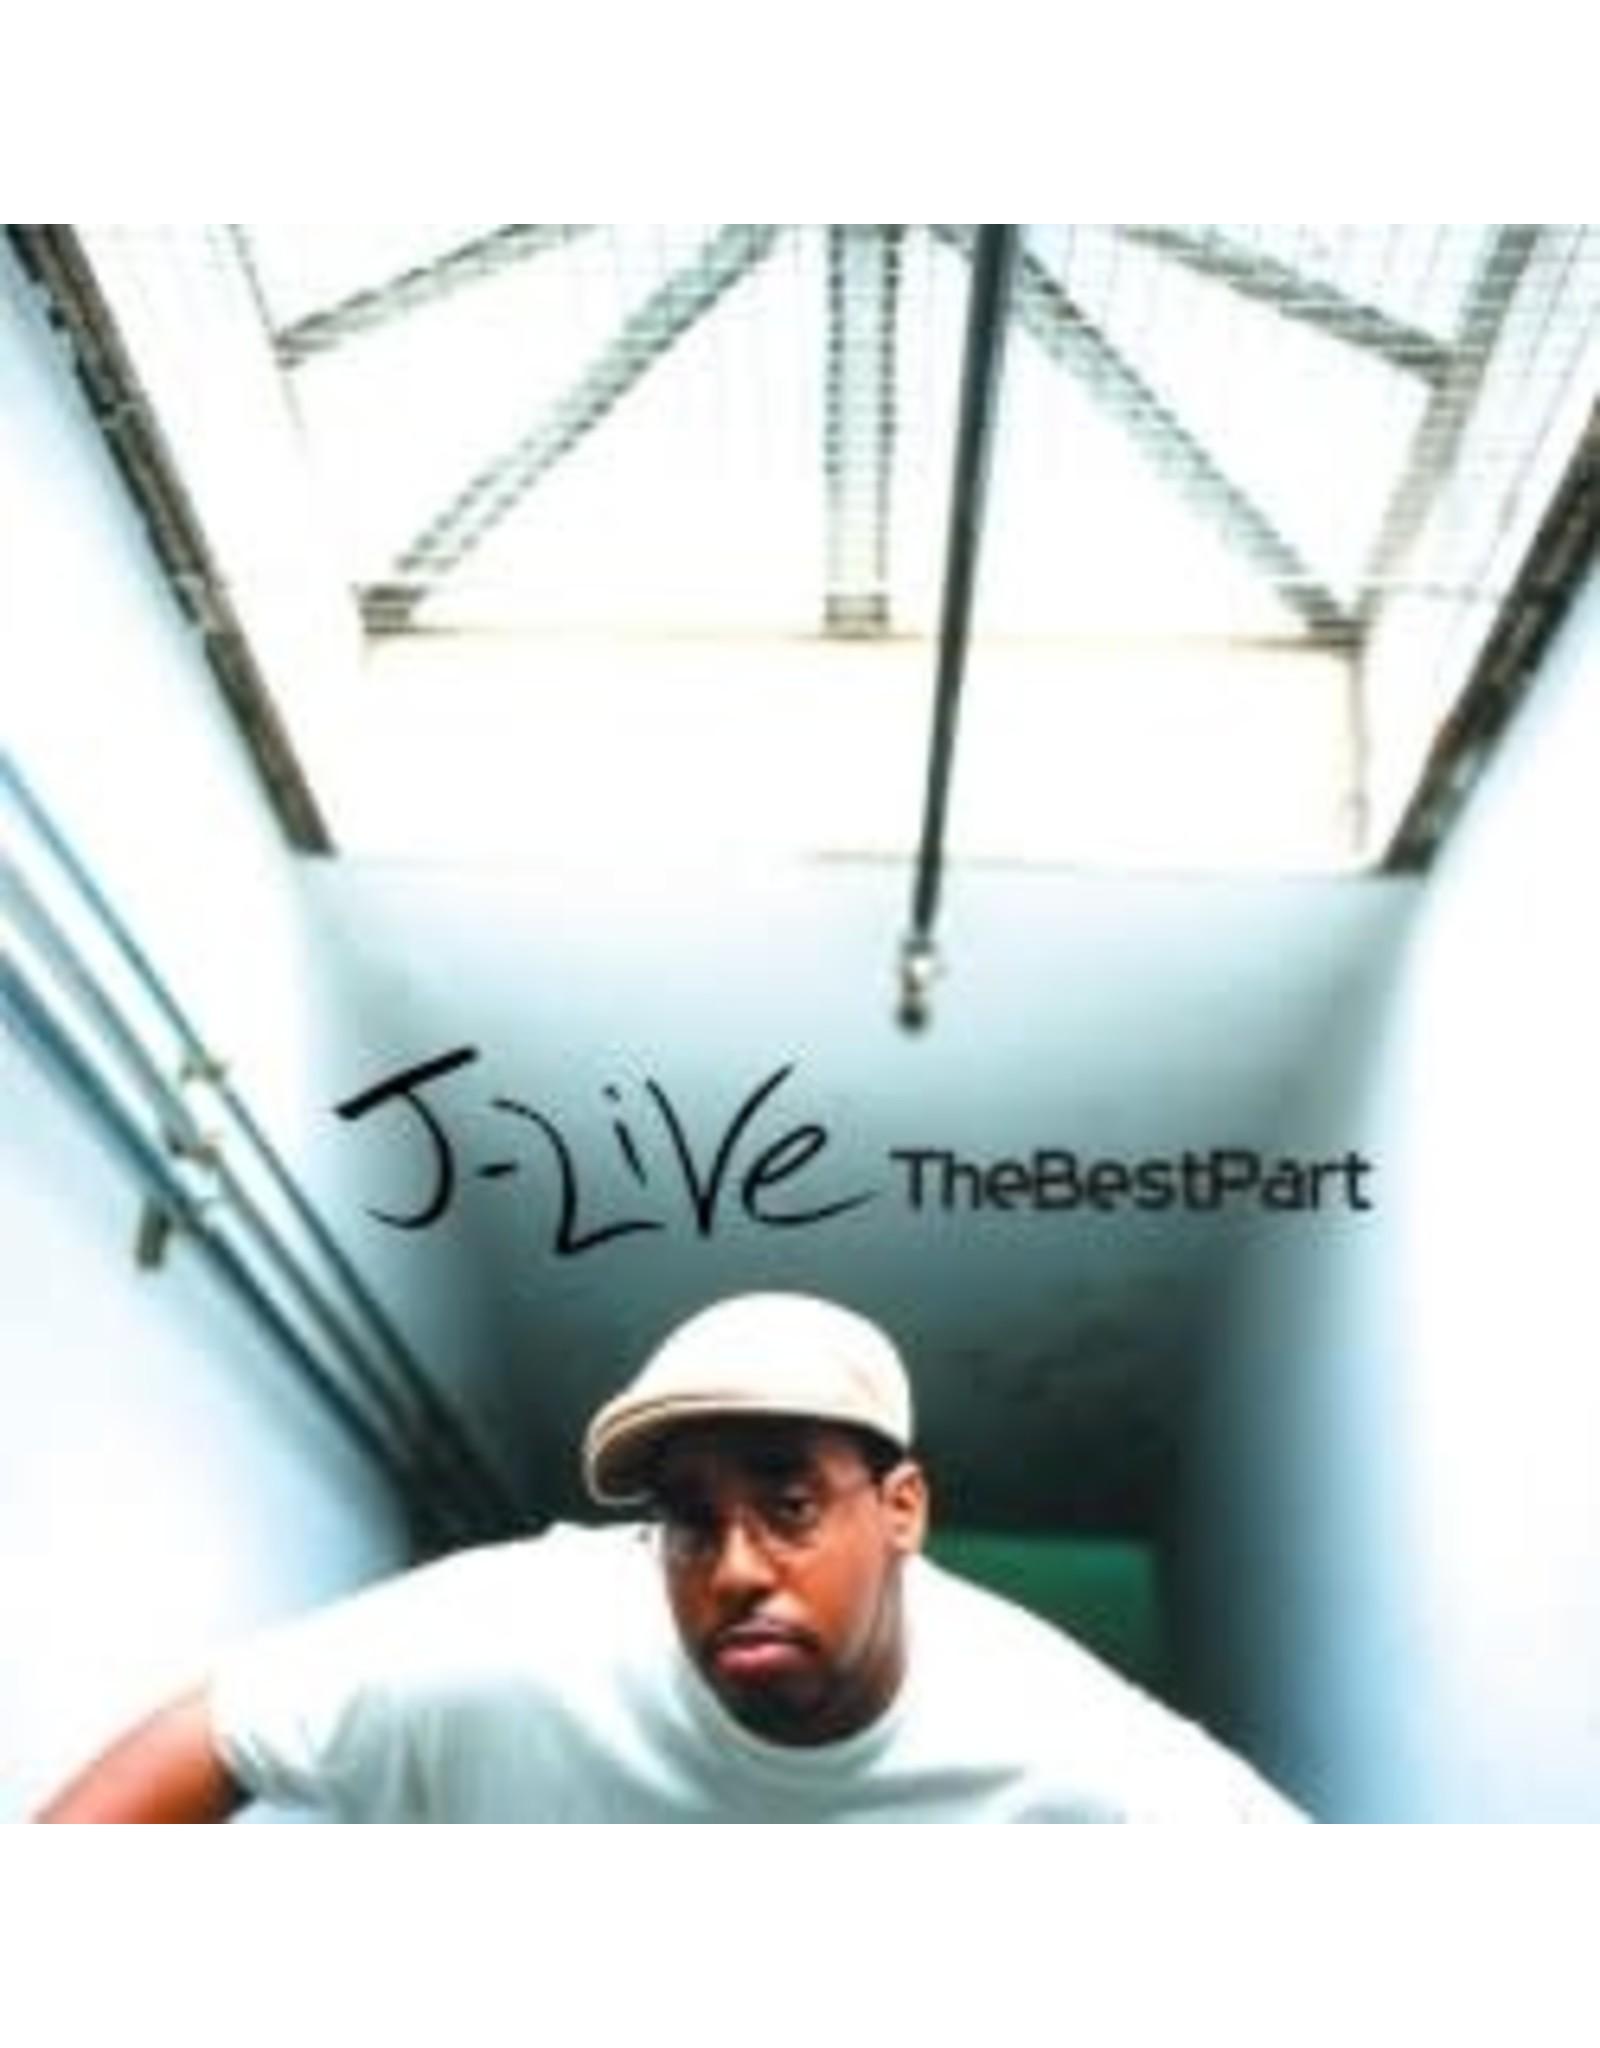 J-Live - The Best Part LP